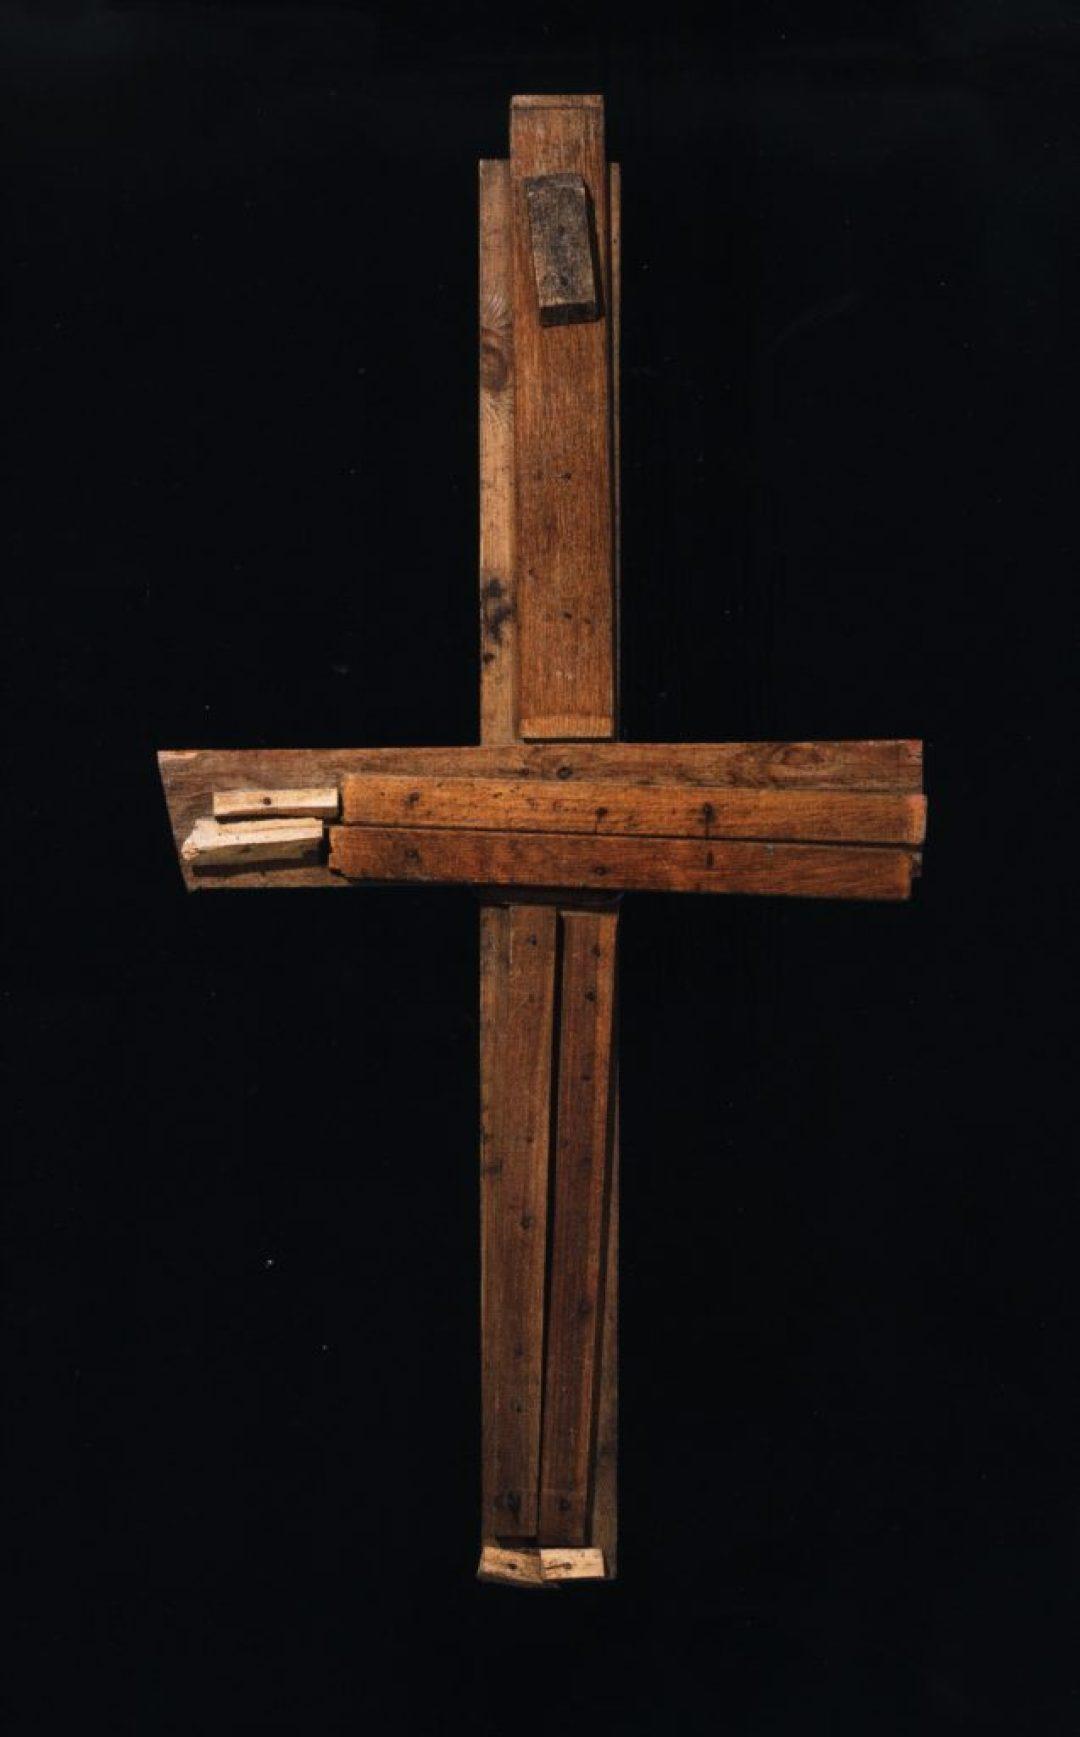 Jean-Pol Godart, sans titre, entre 1994 et 2004, bois et métal, 134 x 68 cm (photo Prodia)